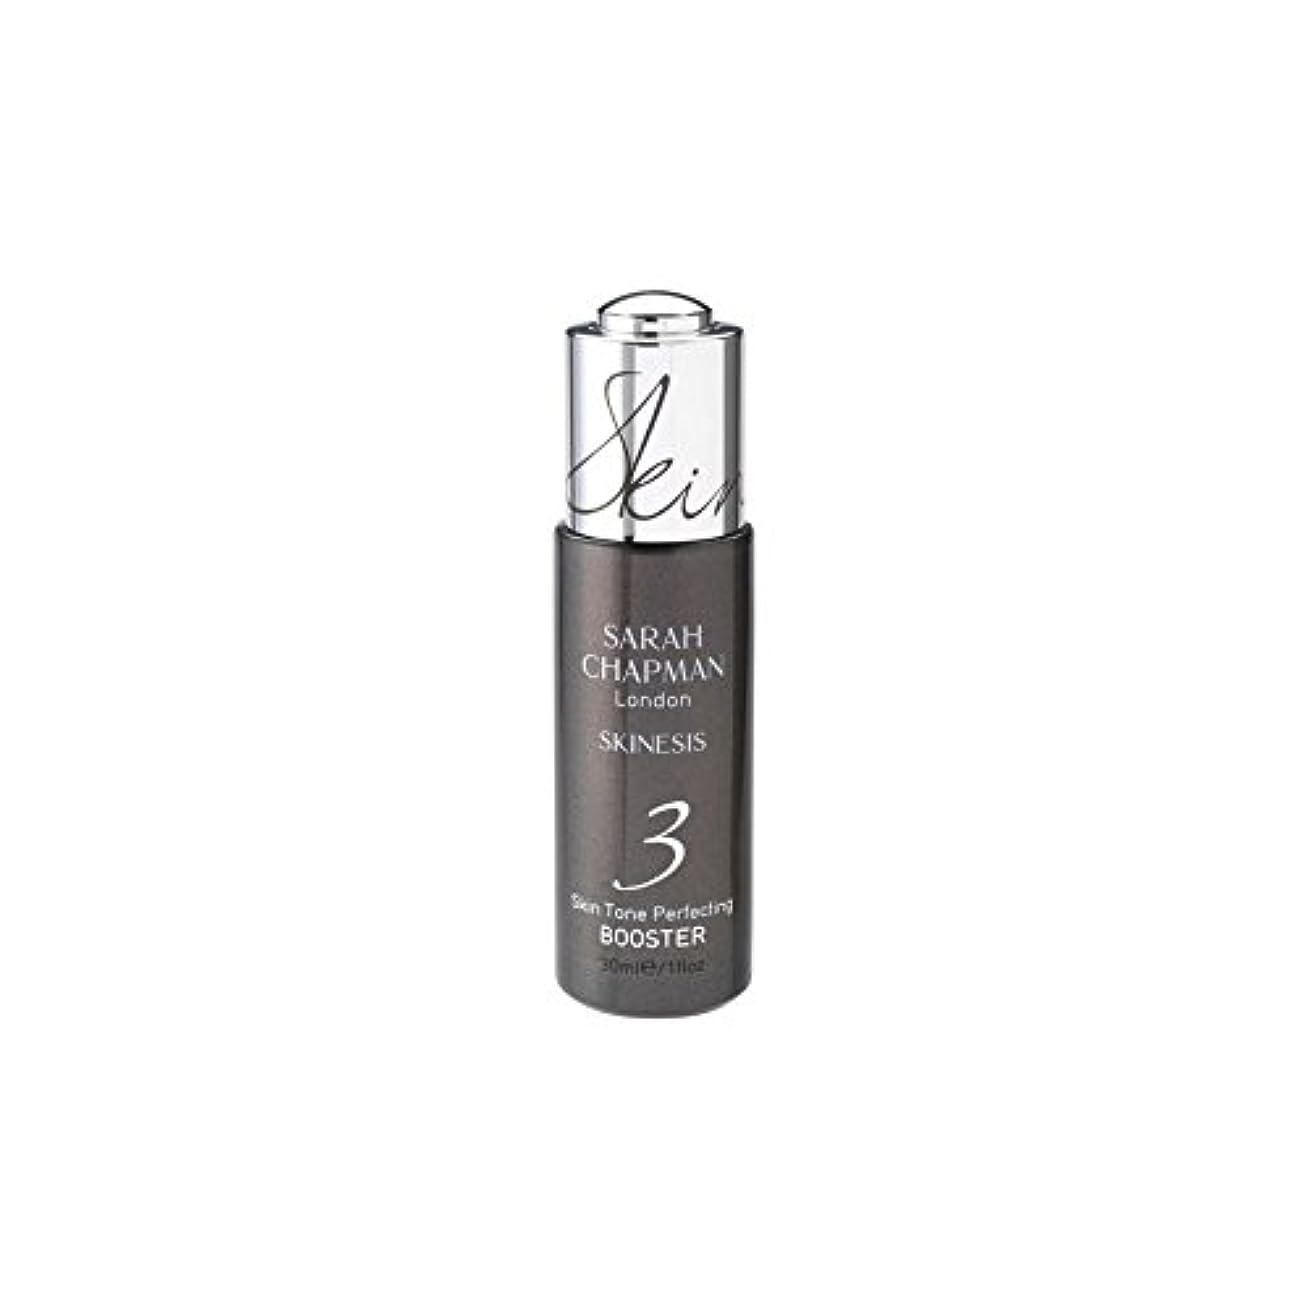 メール満了グリーンランドサラ?チャップマン肌色完成ブースター(30ミリリットル) x4 - Sarah Chapman Skinesis Skin Tone Perfecting Booster (30ml) (Pack of 4) [並行輸入品]